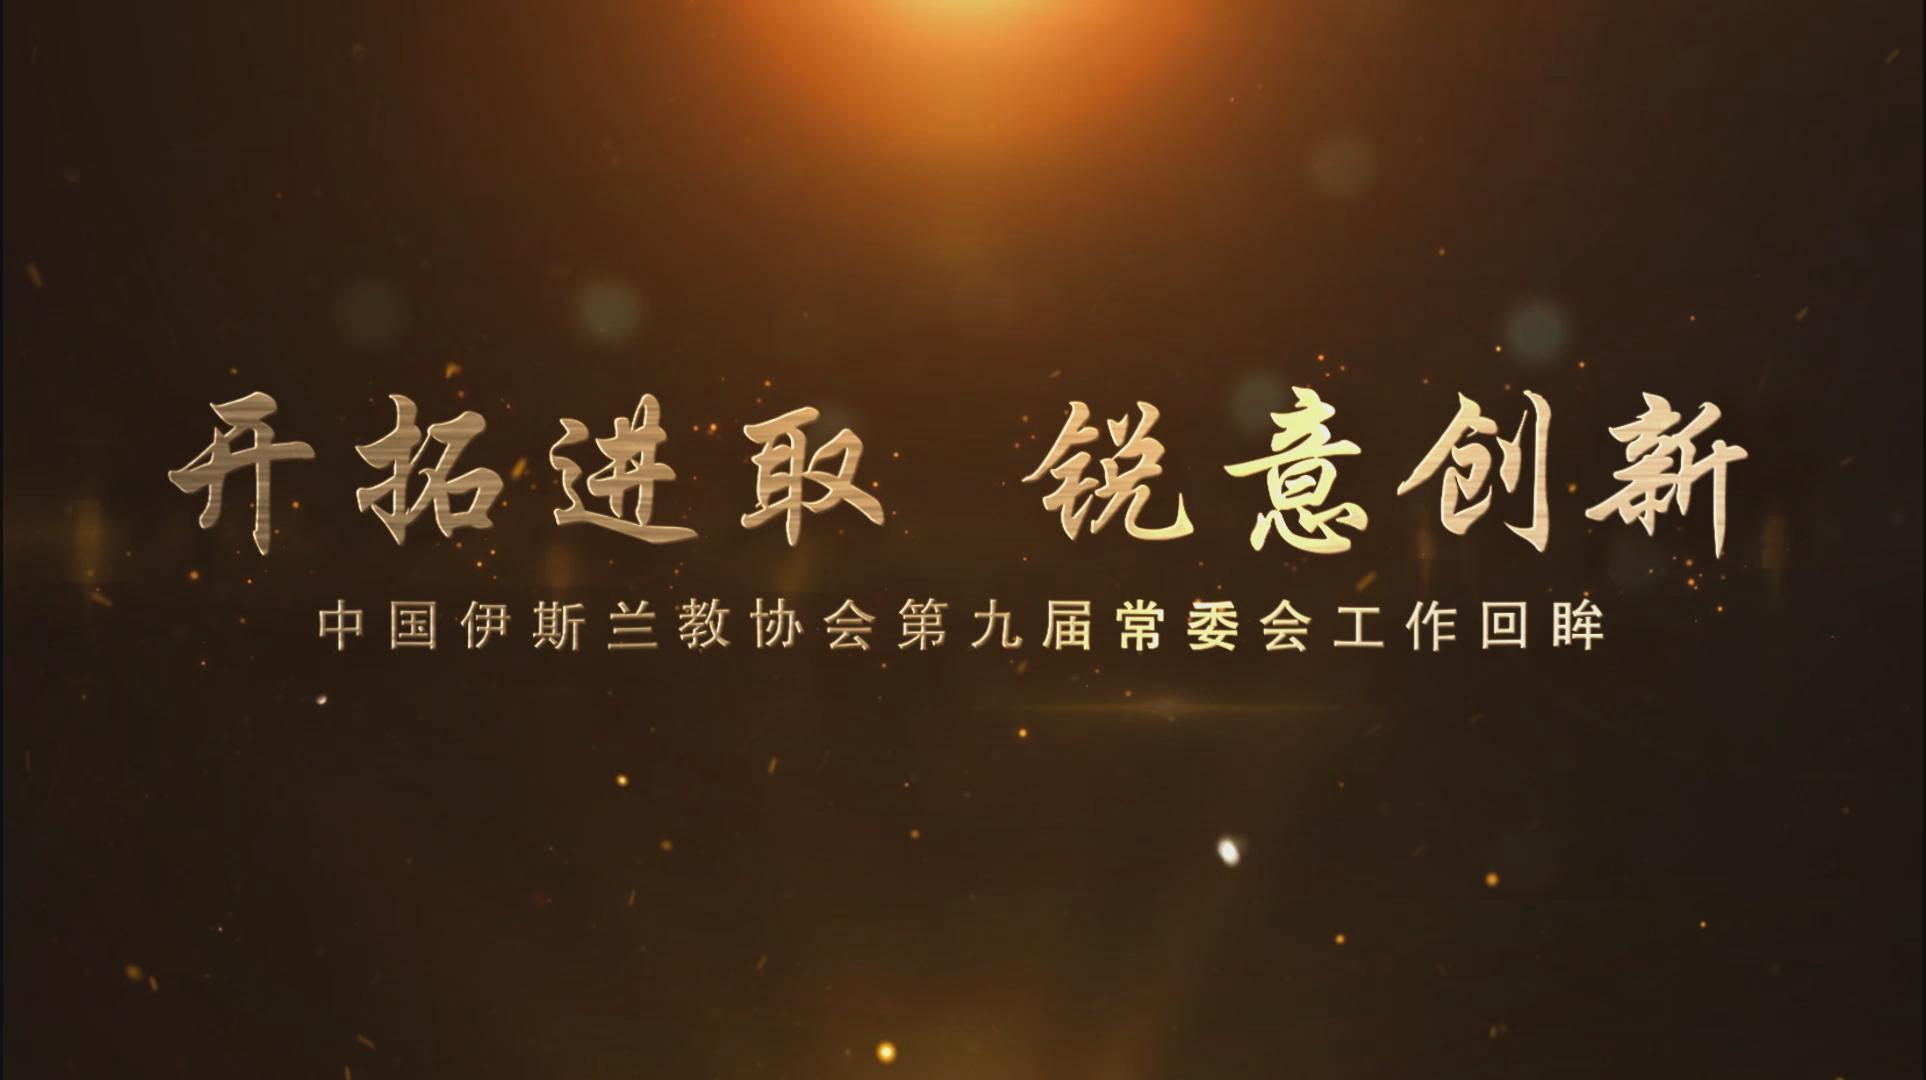 开拓进取 锐意创新——中国伊斯兰教协会第九届常委会工作回眸